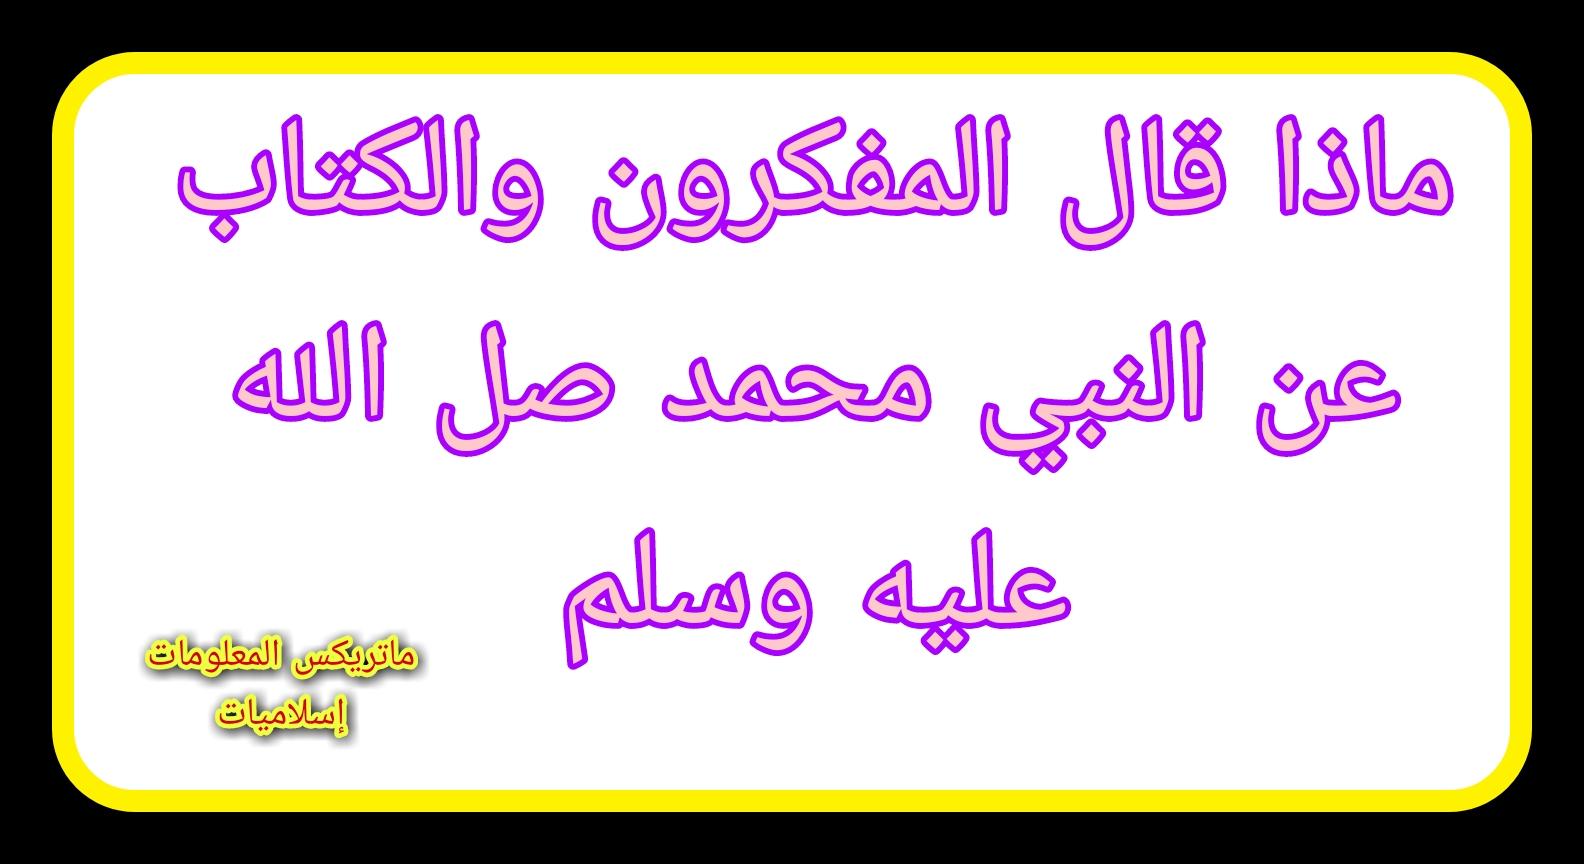 ماذا قال الكتاب والمفكرون عن النبي محمد صل الله عليه وسلم | الرسول محمد صلى الله عليه وسلم | محمد يا رسول الله